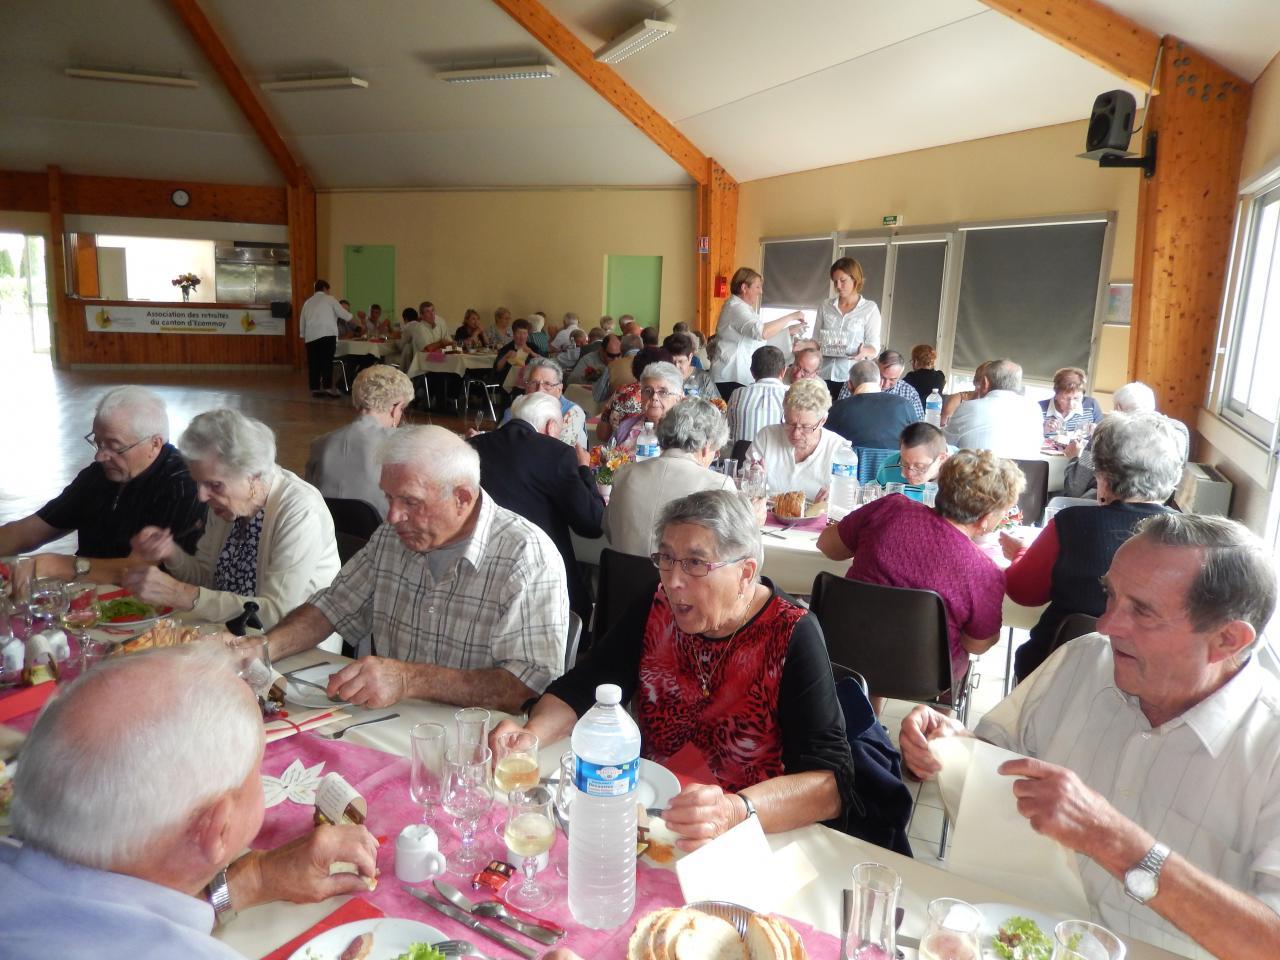 Repas annuel des adhérents de St Ouen en Belin